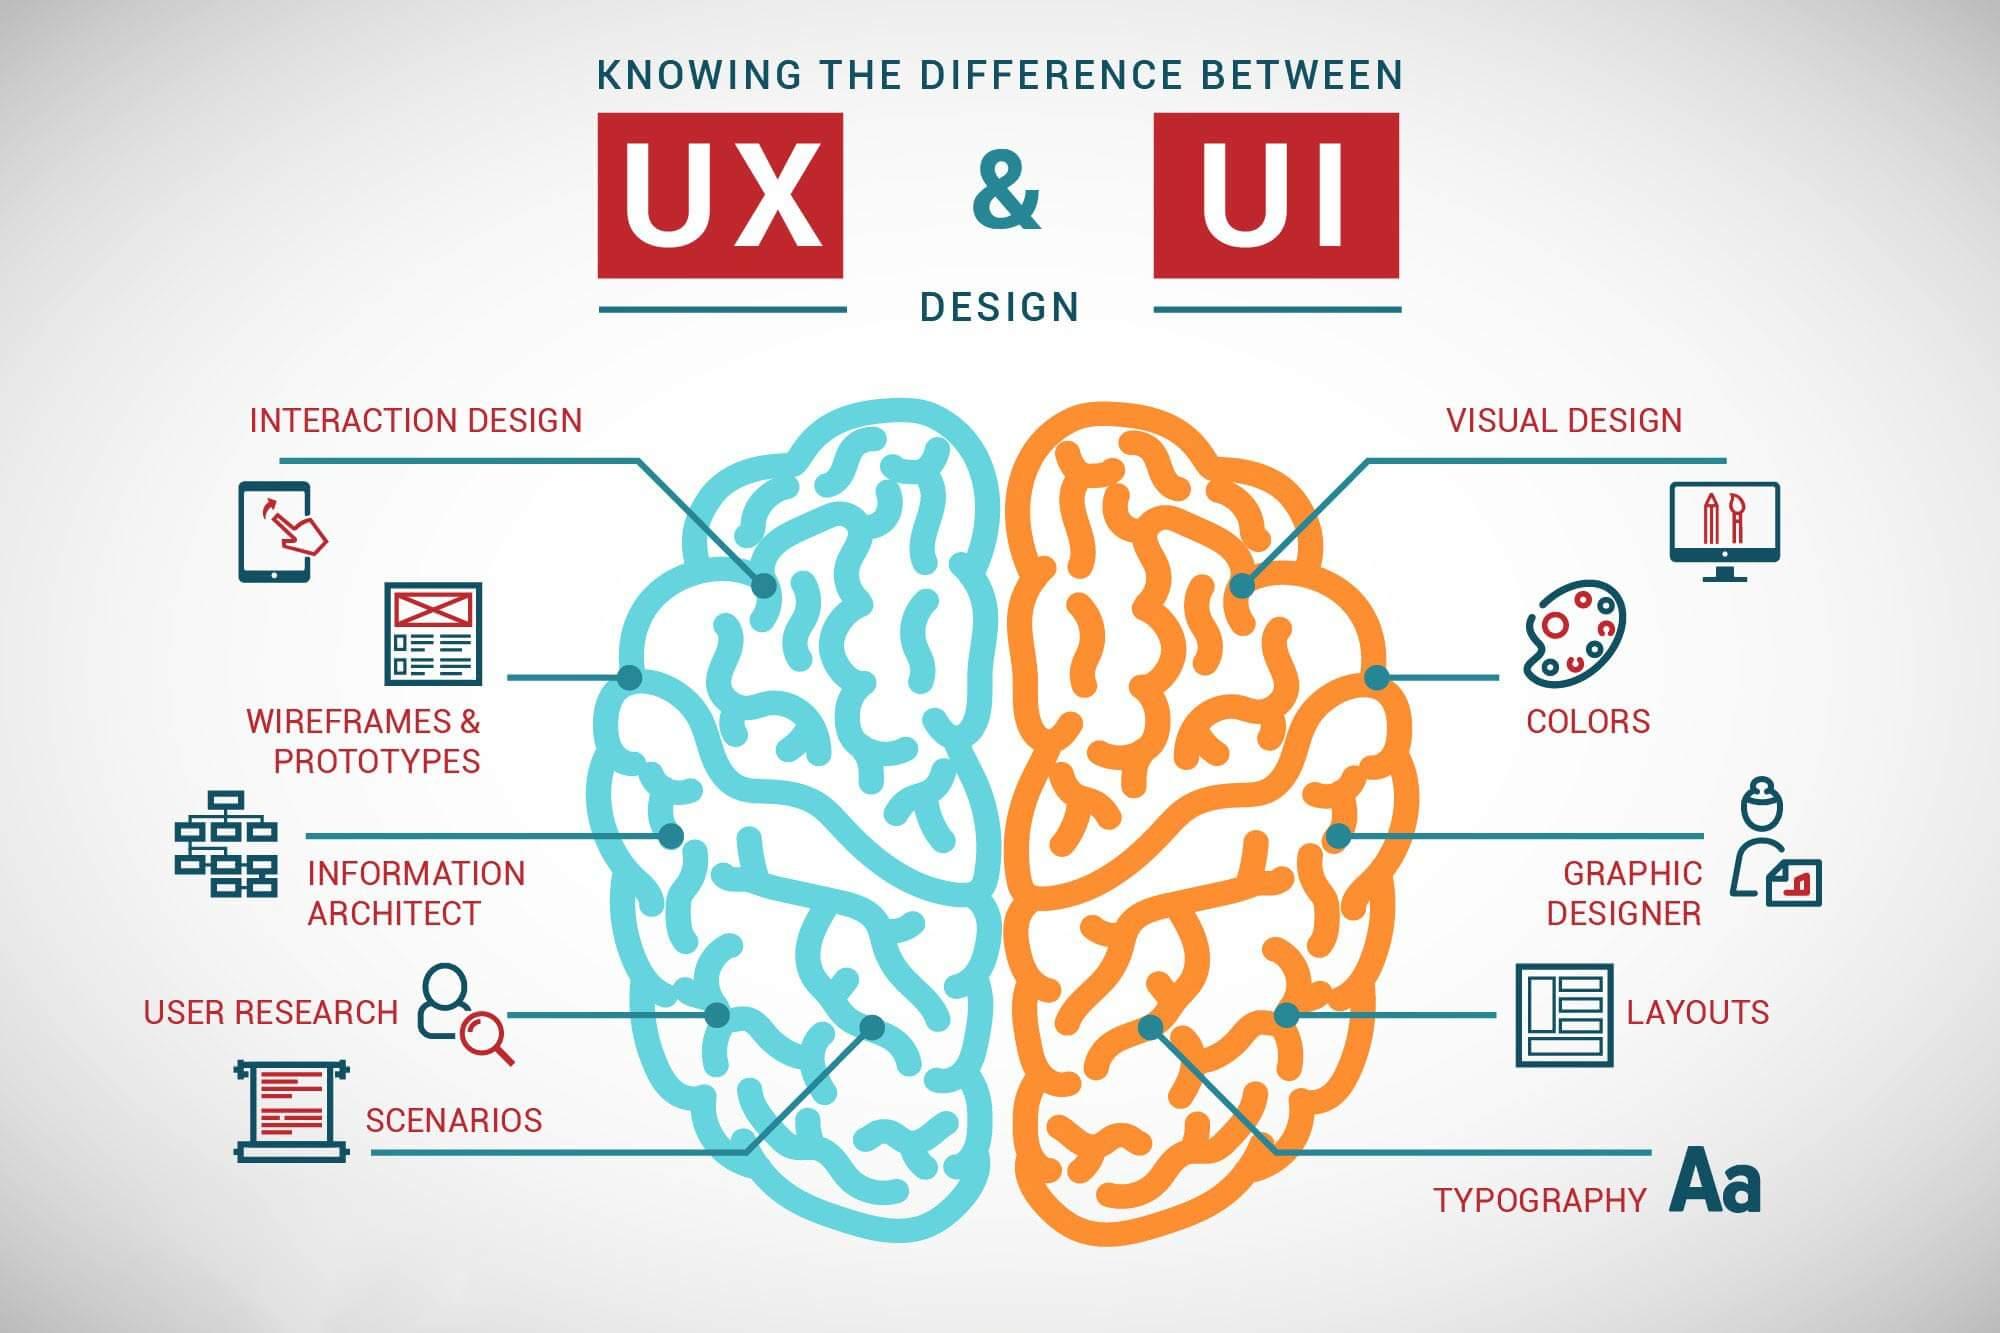 تفاوت رابط کاربری با تجربه کاربری چیست؟ UX vs UI